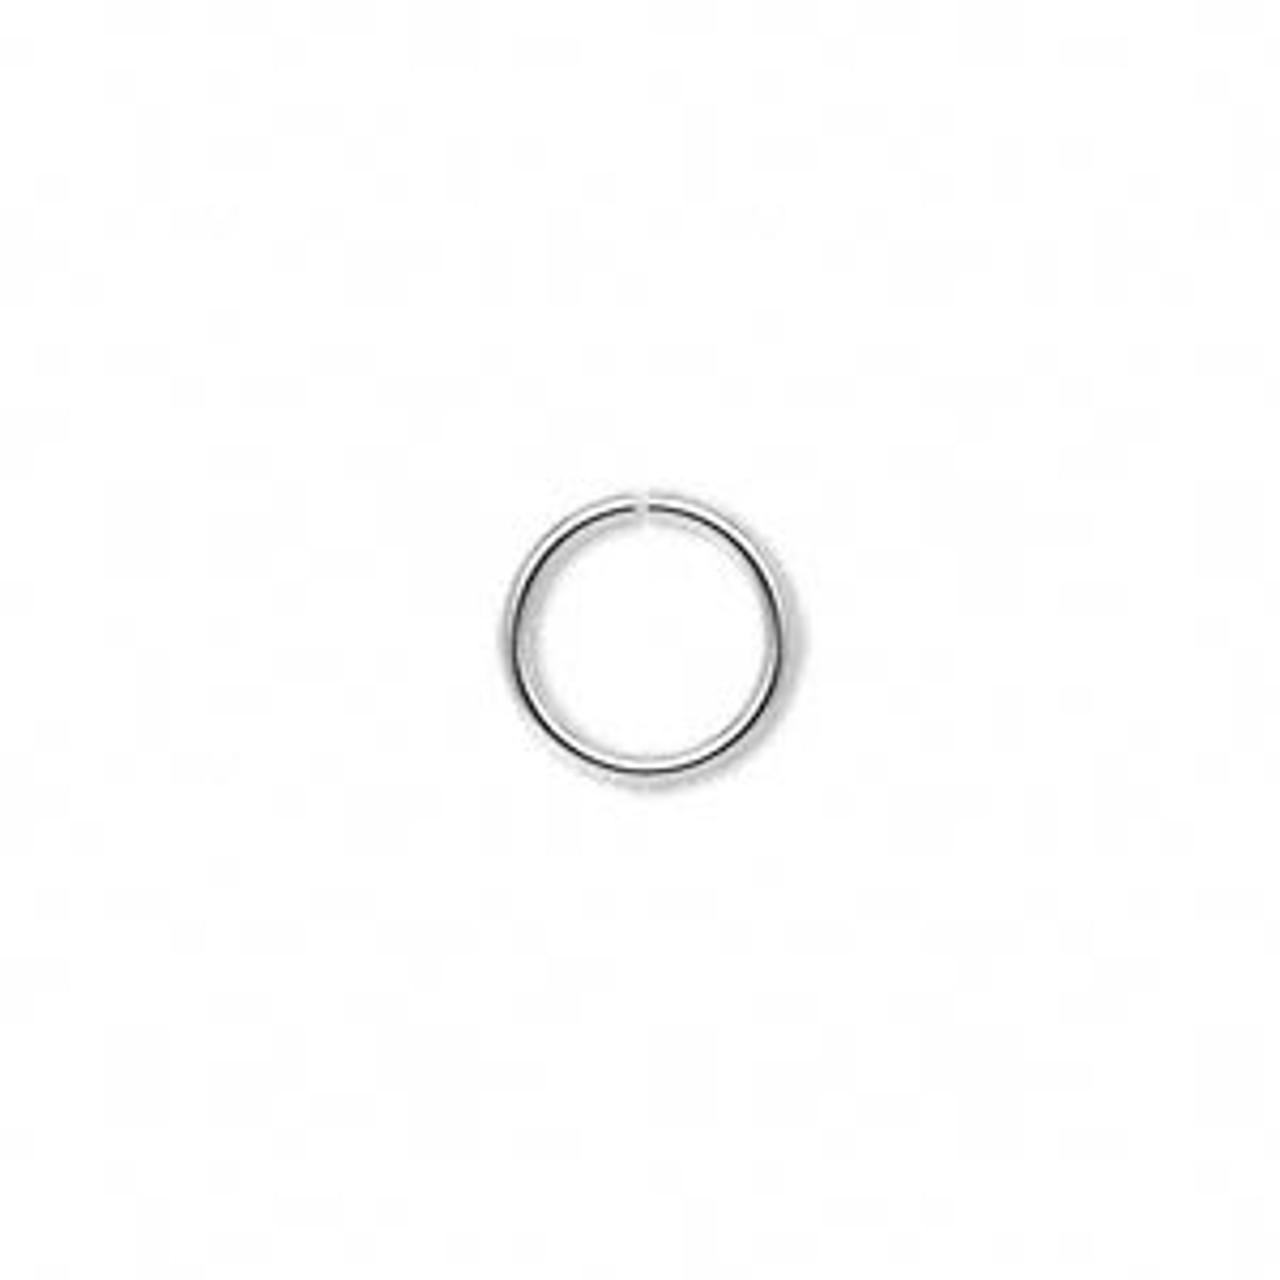 10mm 18ga Silver Plated Jump Ring 100pk